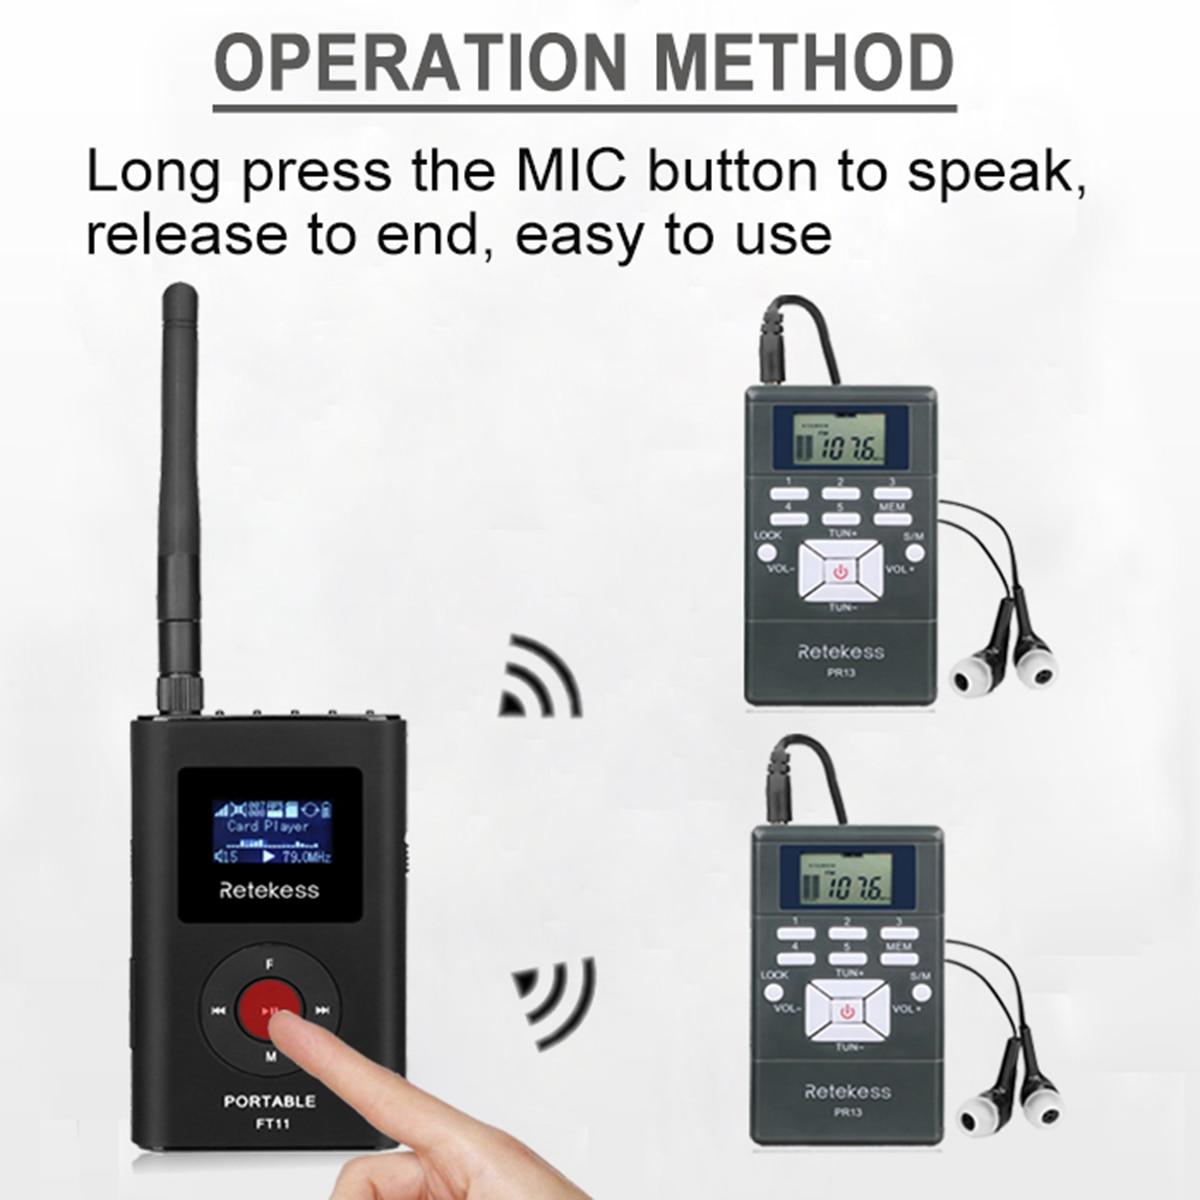 1 fm передатчик FT11 + 10 fm радиоприемник PR13 Беспроводная система передачи голоса для обучения церковным митингам - 3